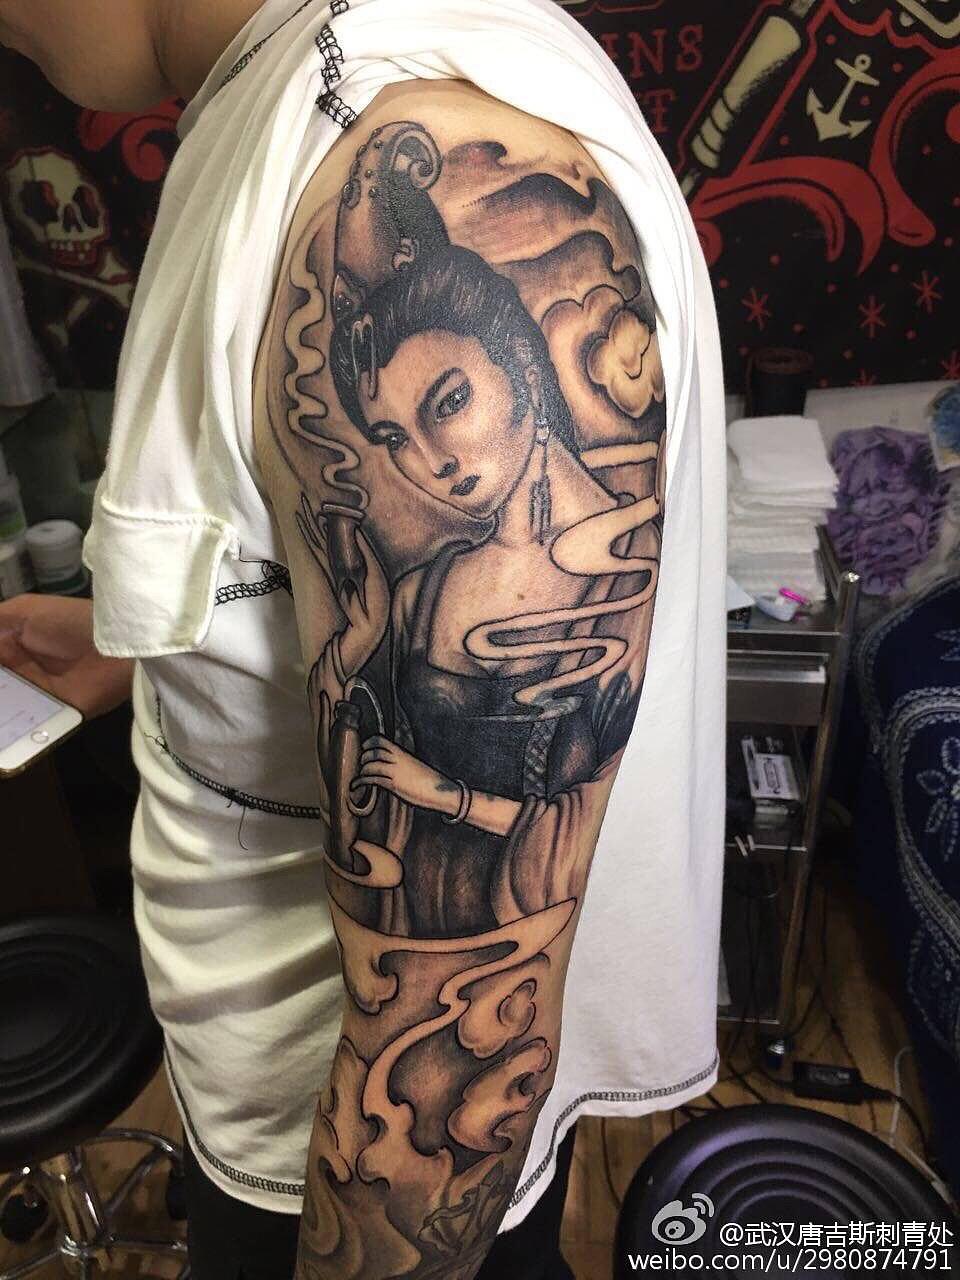 武汉唐吉斯刺青 汉口纹身 江汉路步行街纹身 洗纹身图片